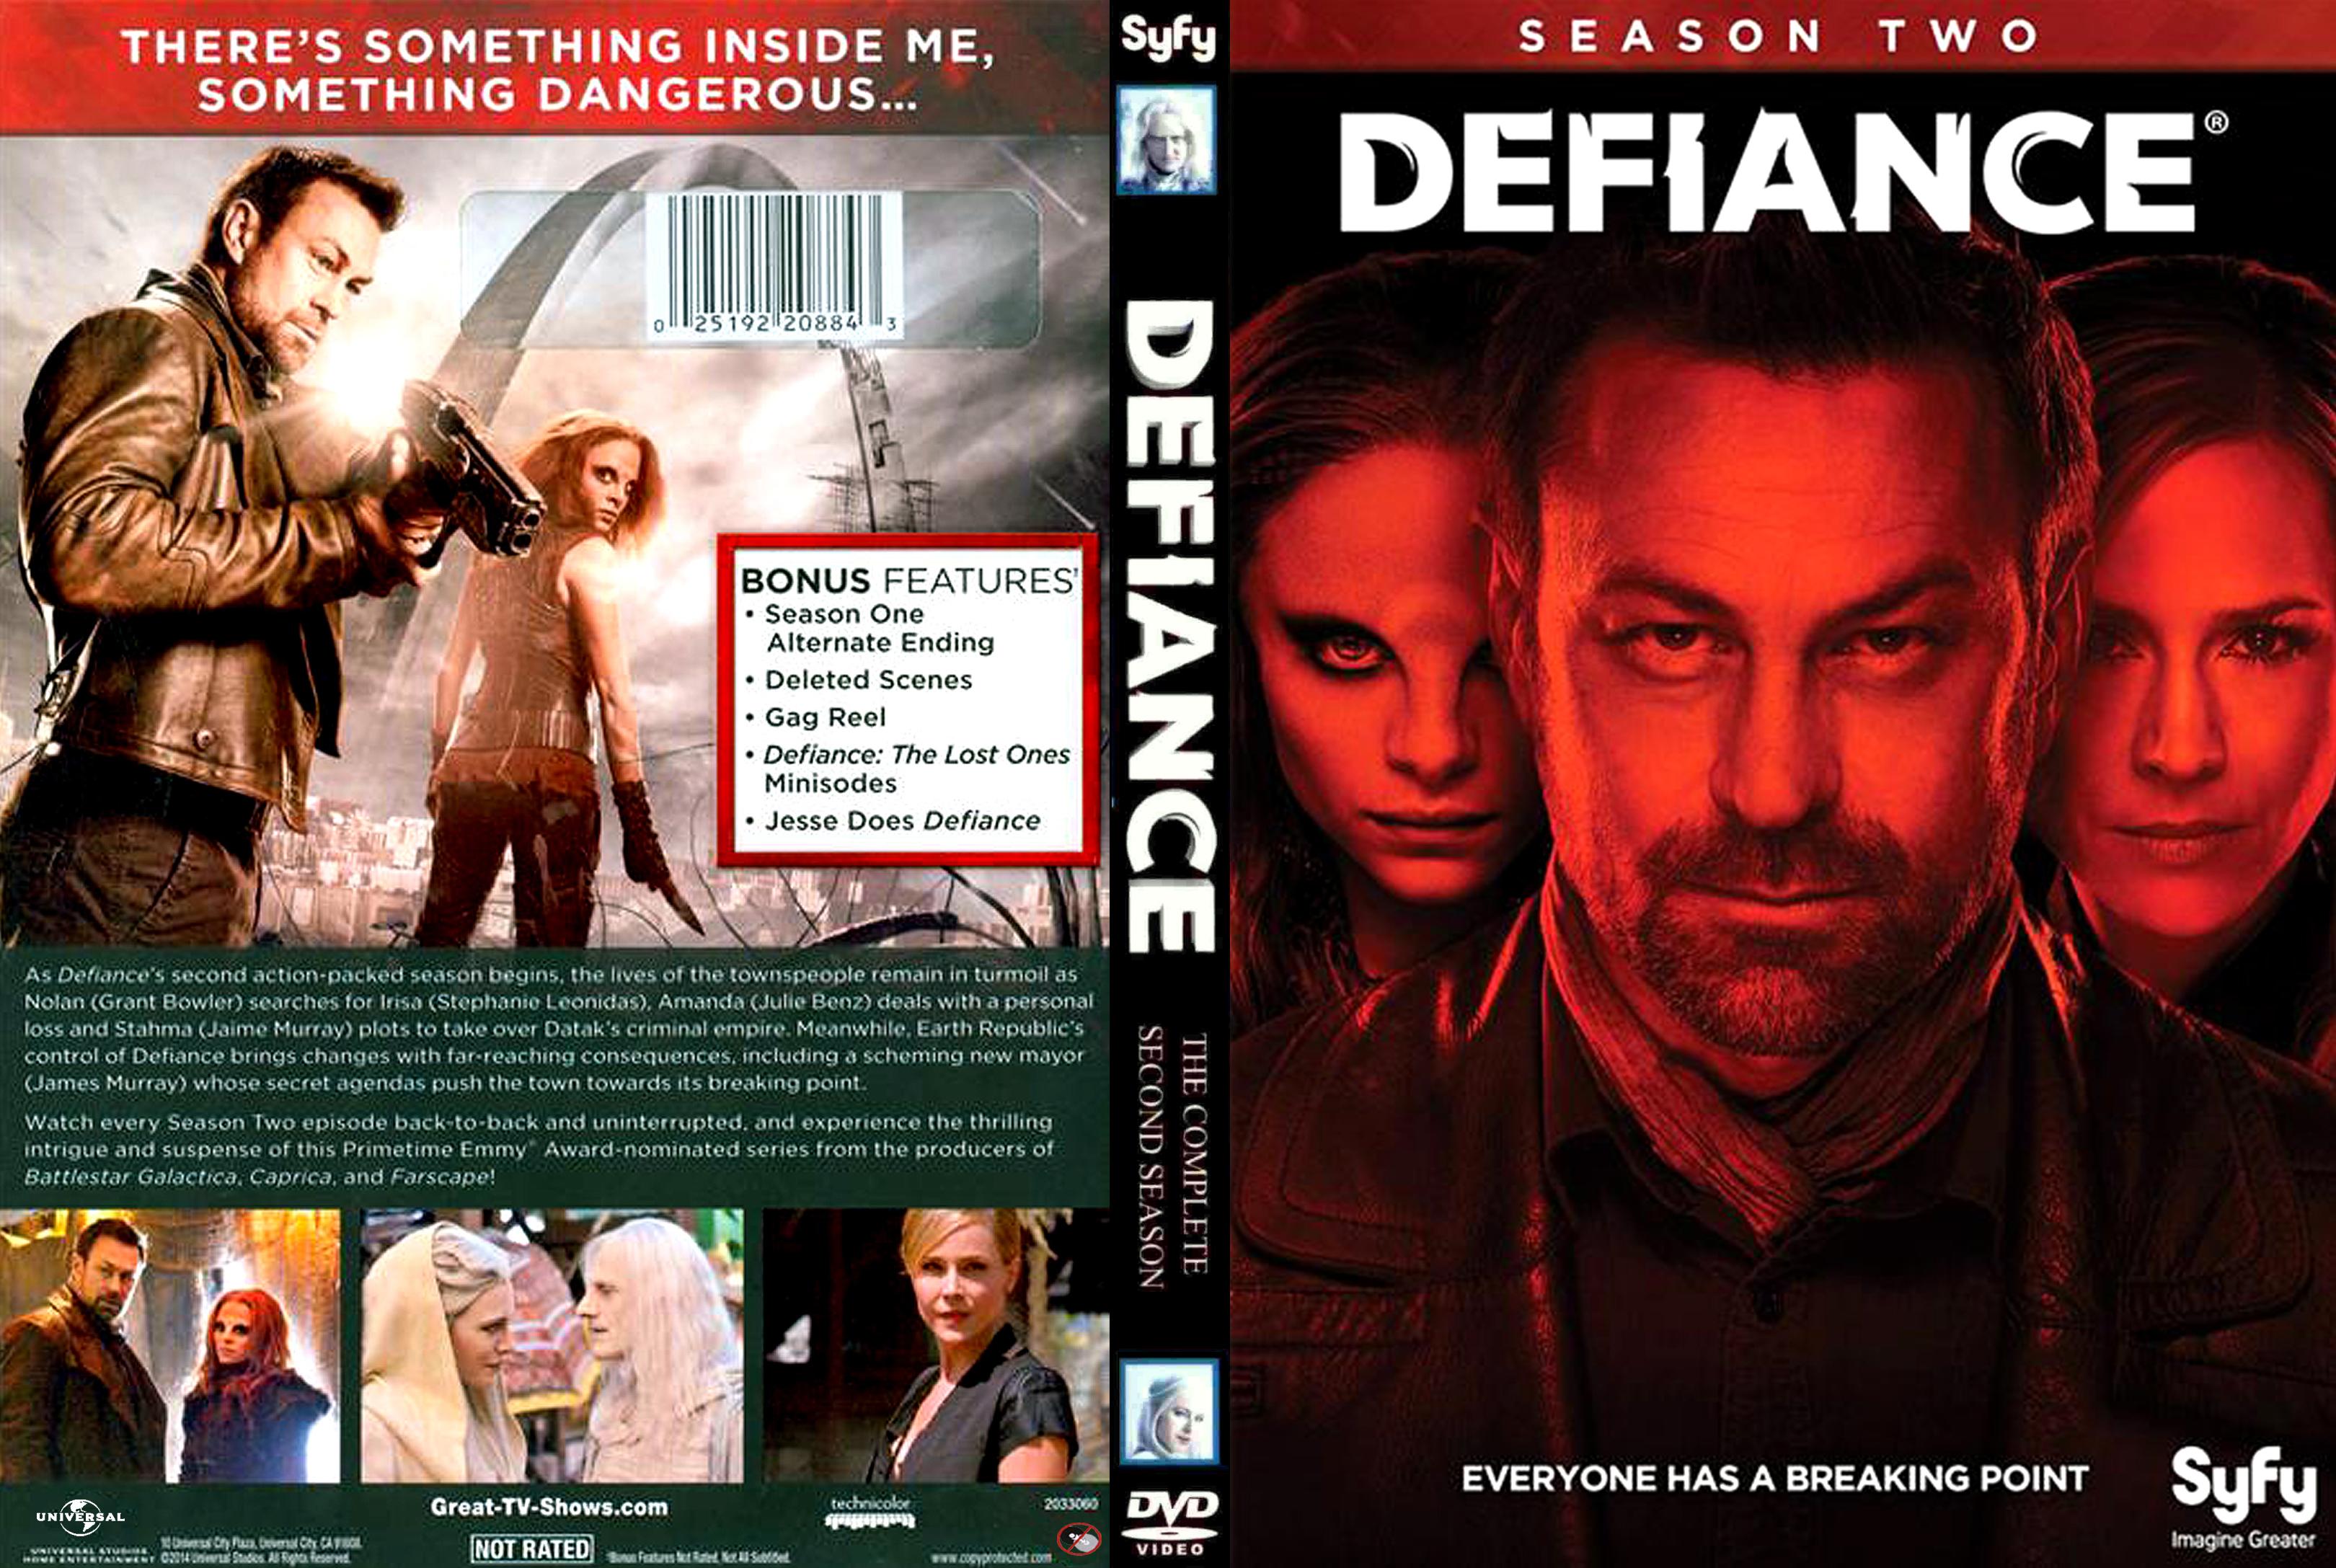 defiance season 3 dvd release date